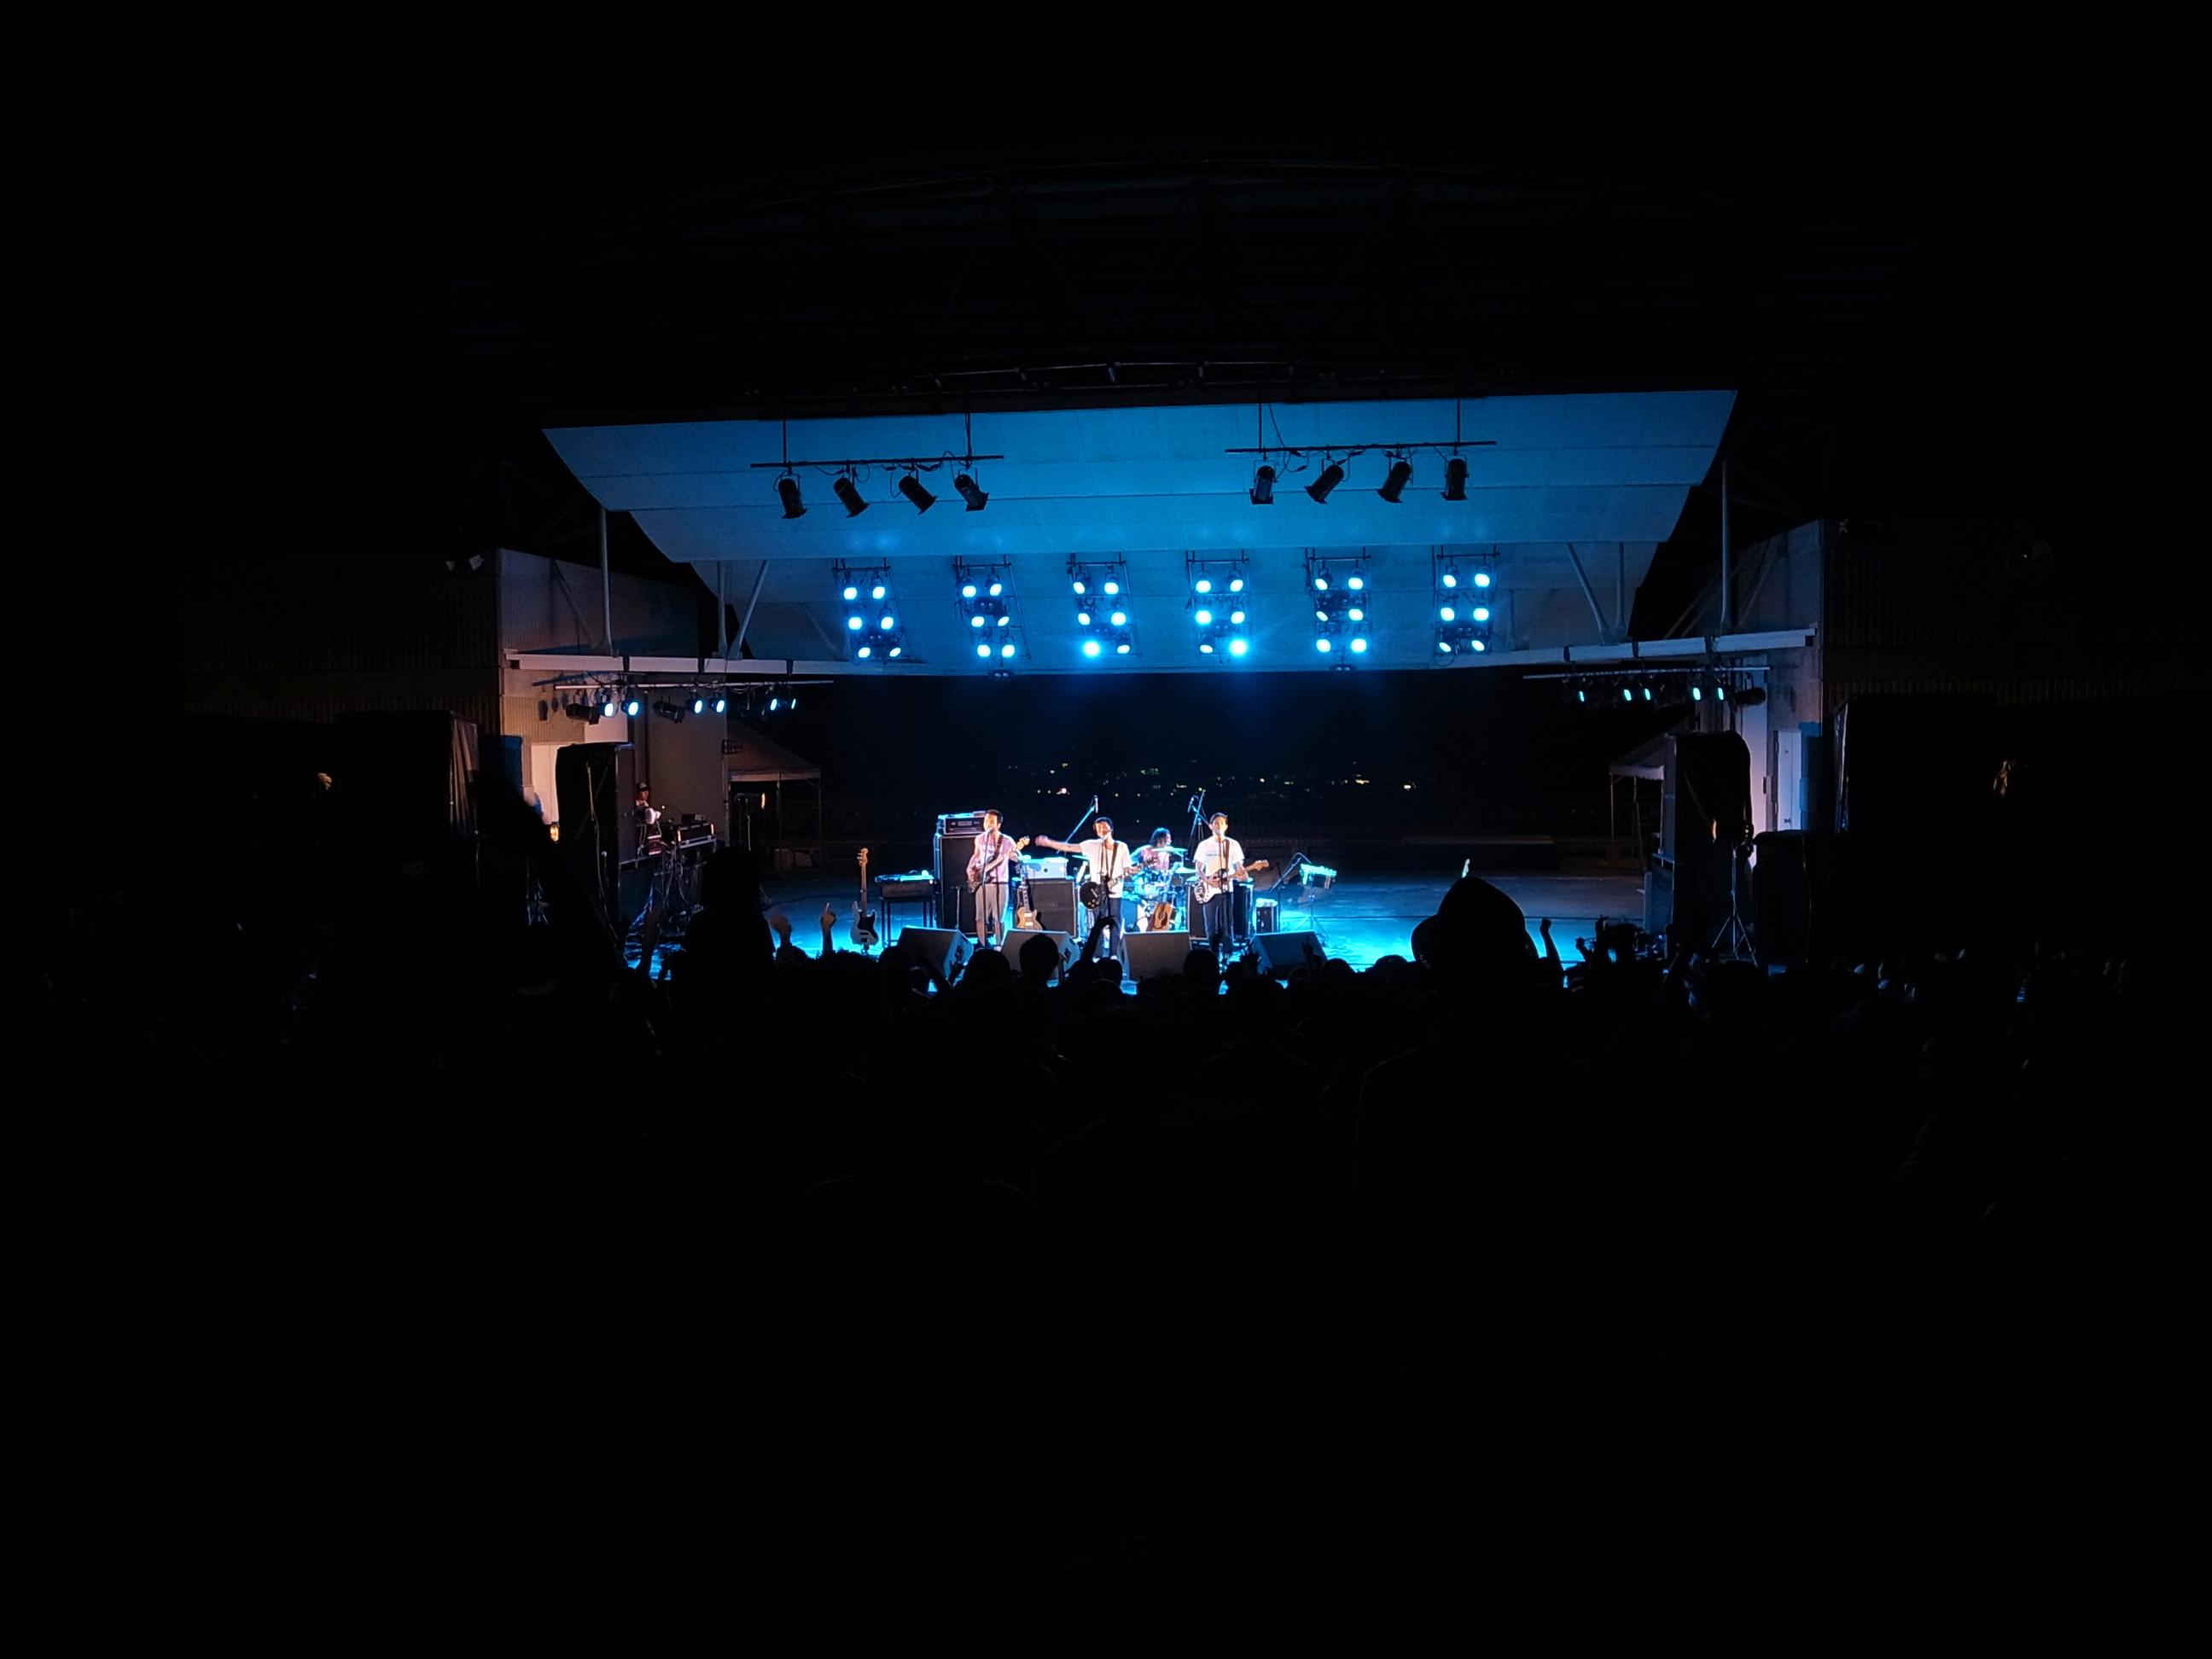 曽我部恵一BAND LIVEセットリストUPしました。8/25<ホットフィールド2012>@富山 黒部市宮野運動公園